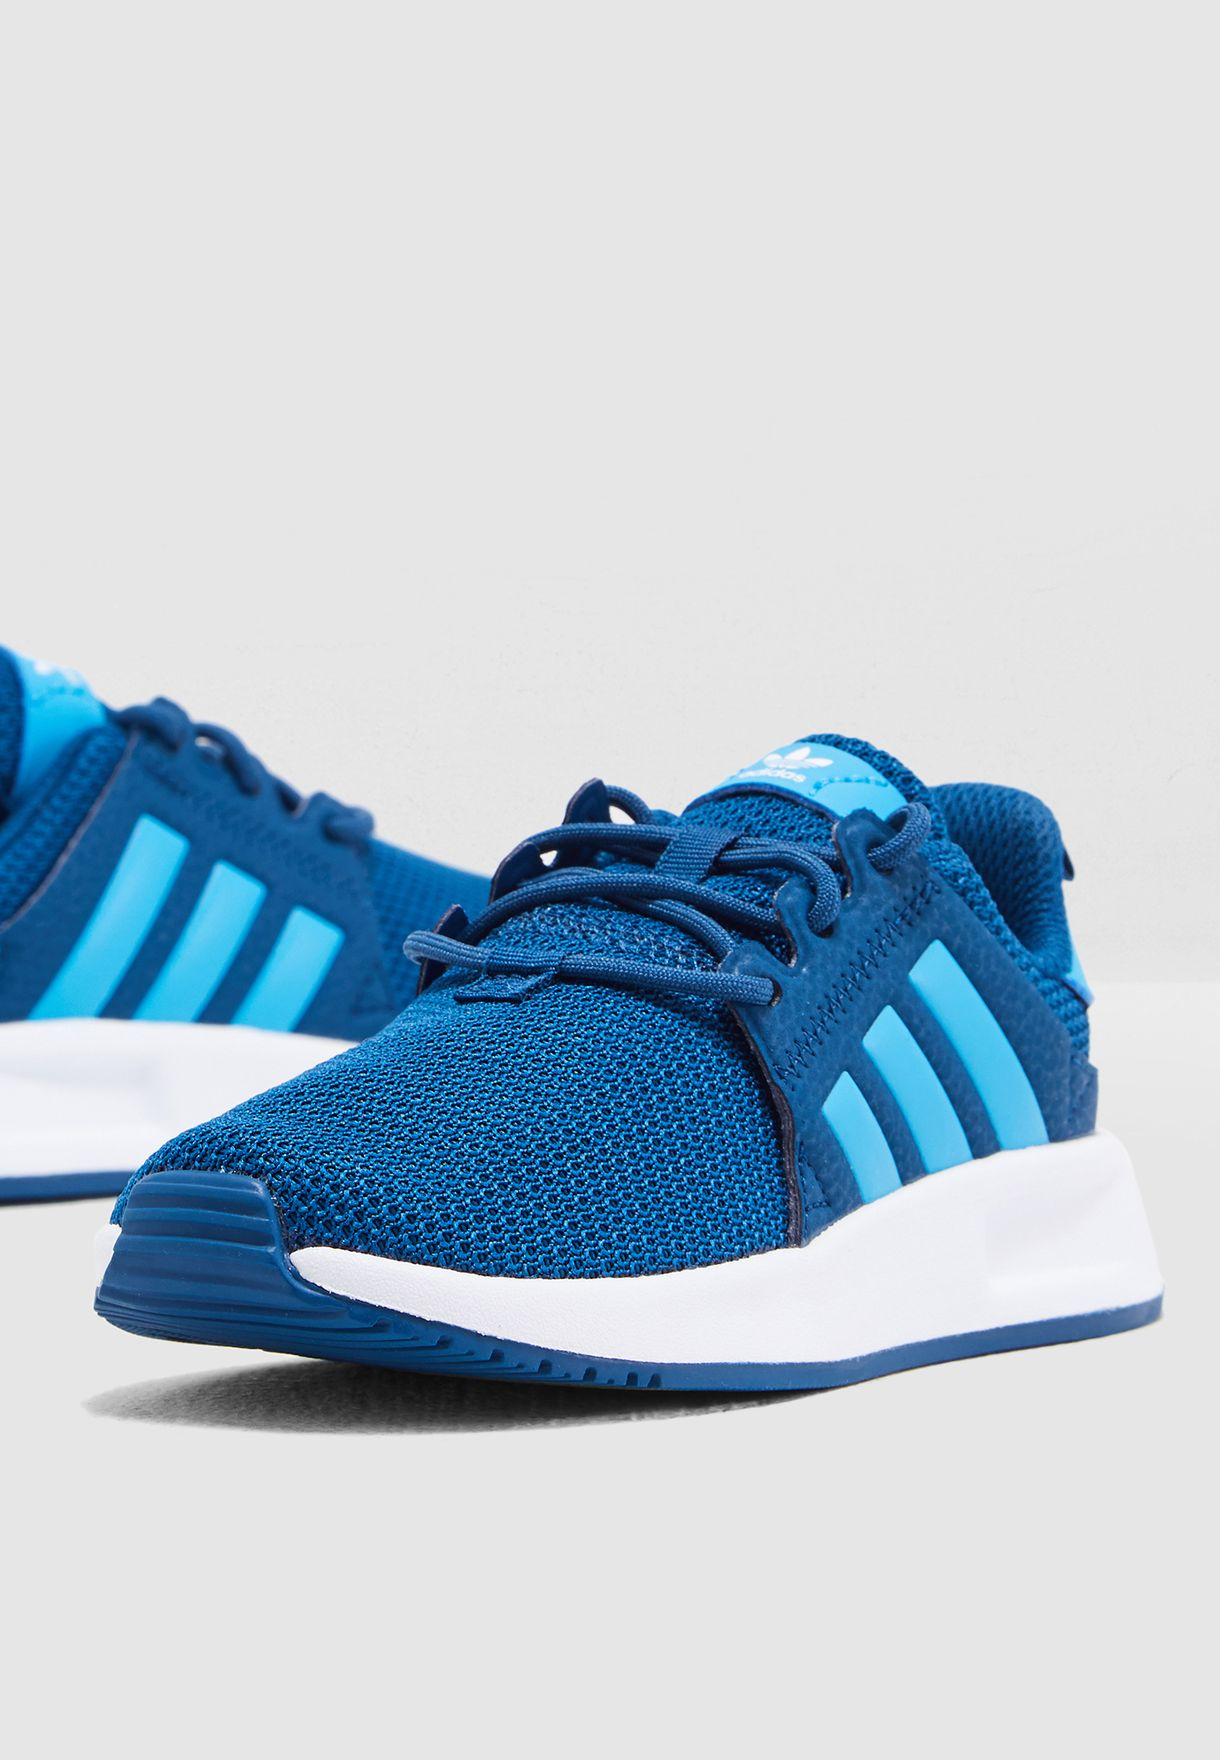 18b3c31f049444 Shop adidas Originals blue Kids X PLR CG6831 for Kids in Saudi -  14448SH66ONP